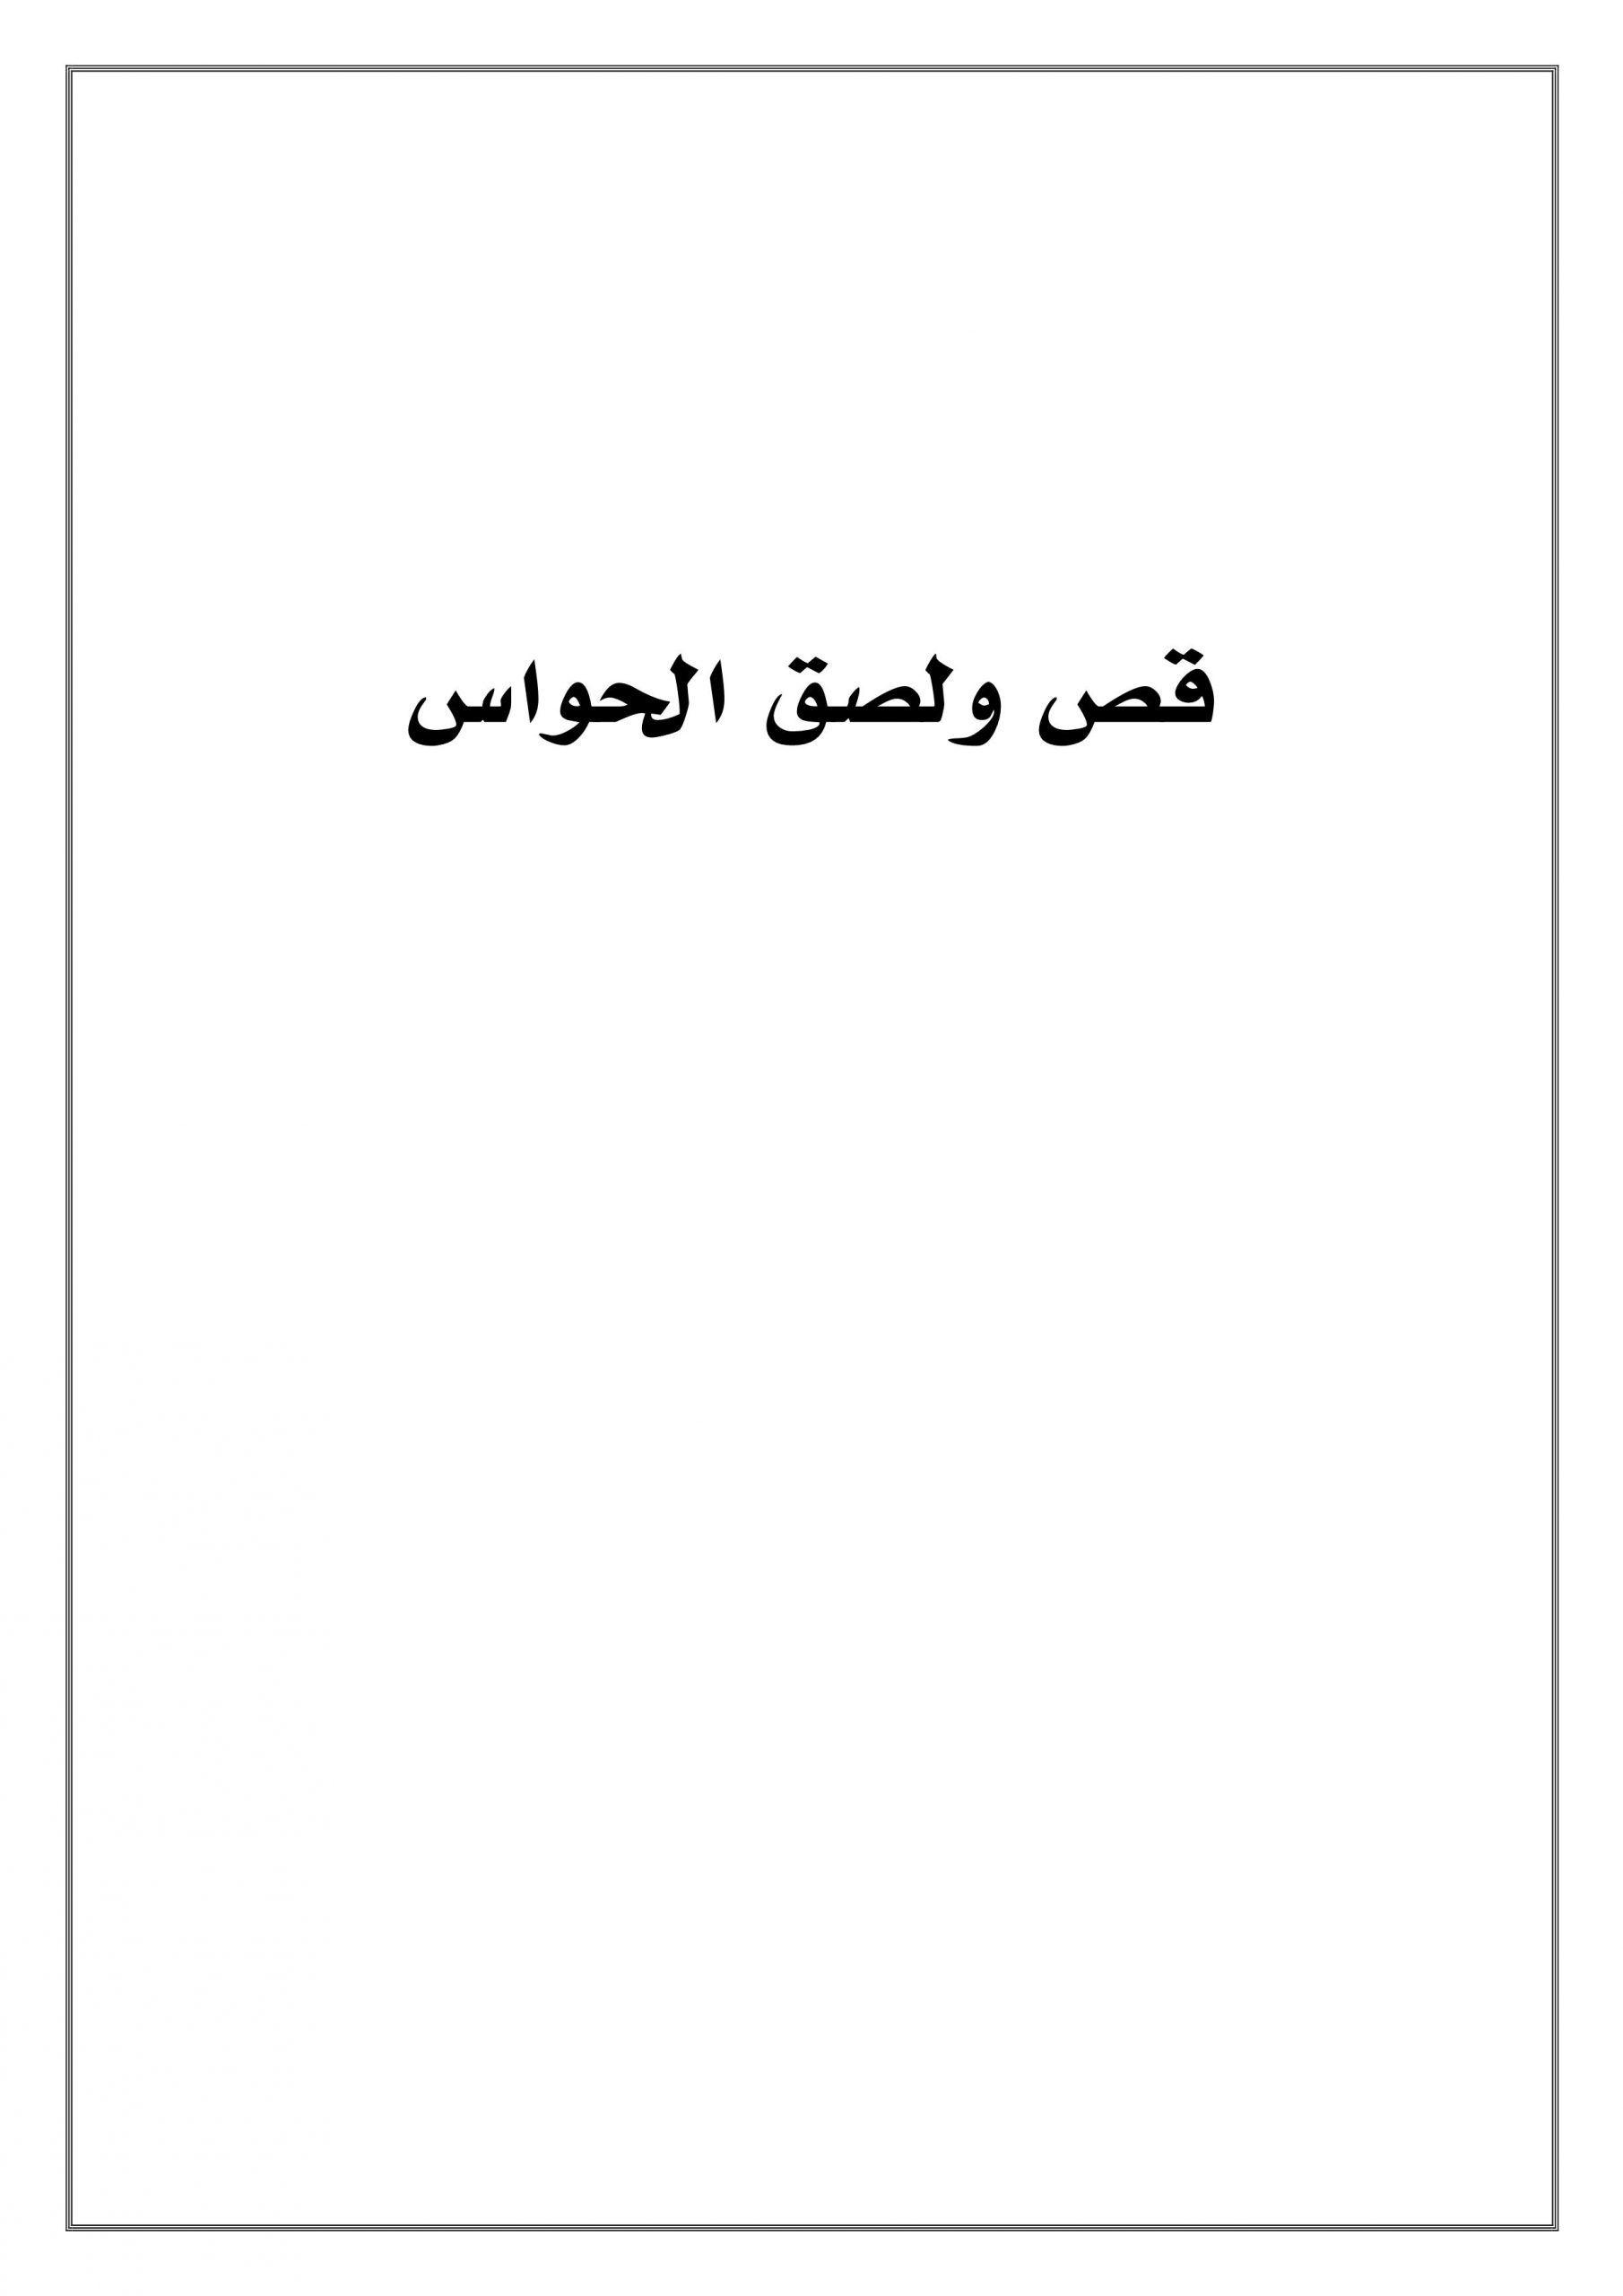 قص ولصق الحواس الخمس انشطة تعليمية جميلة للاطفال Arabic Kids Math Math Equations